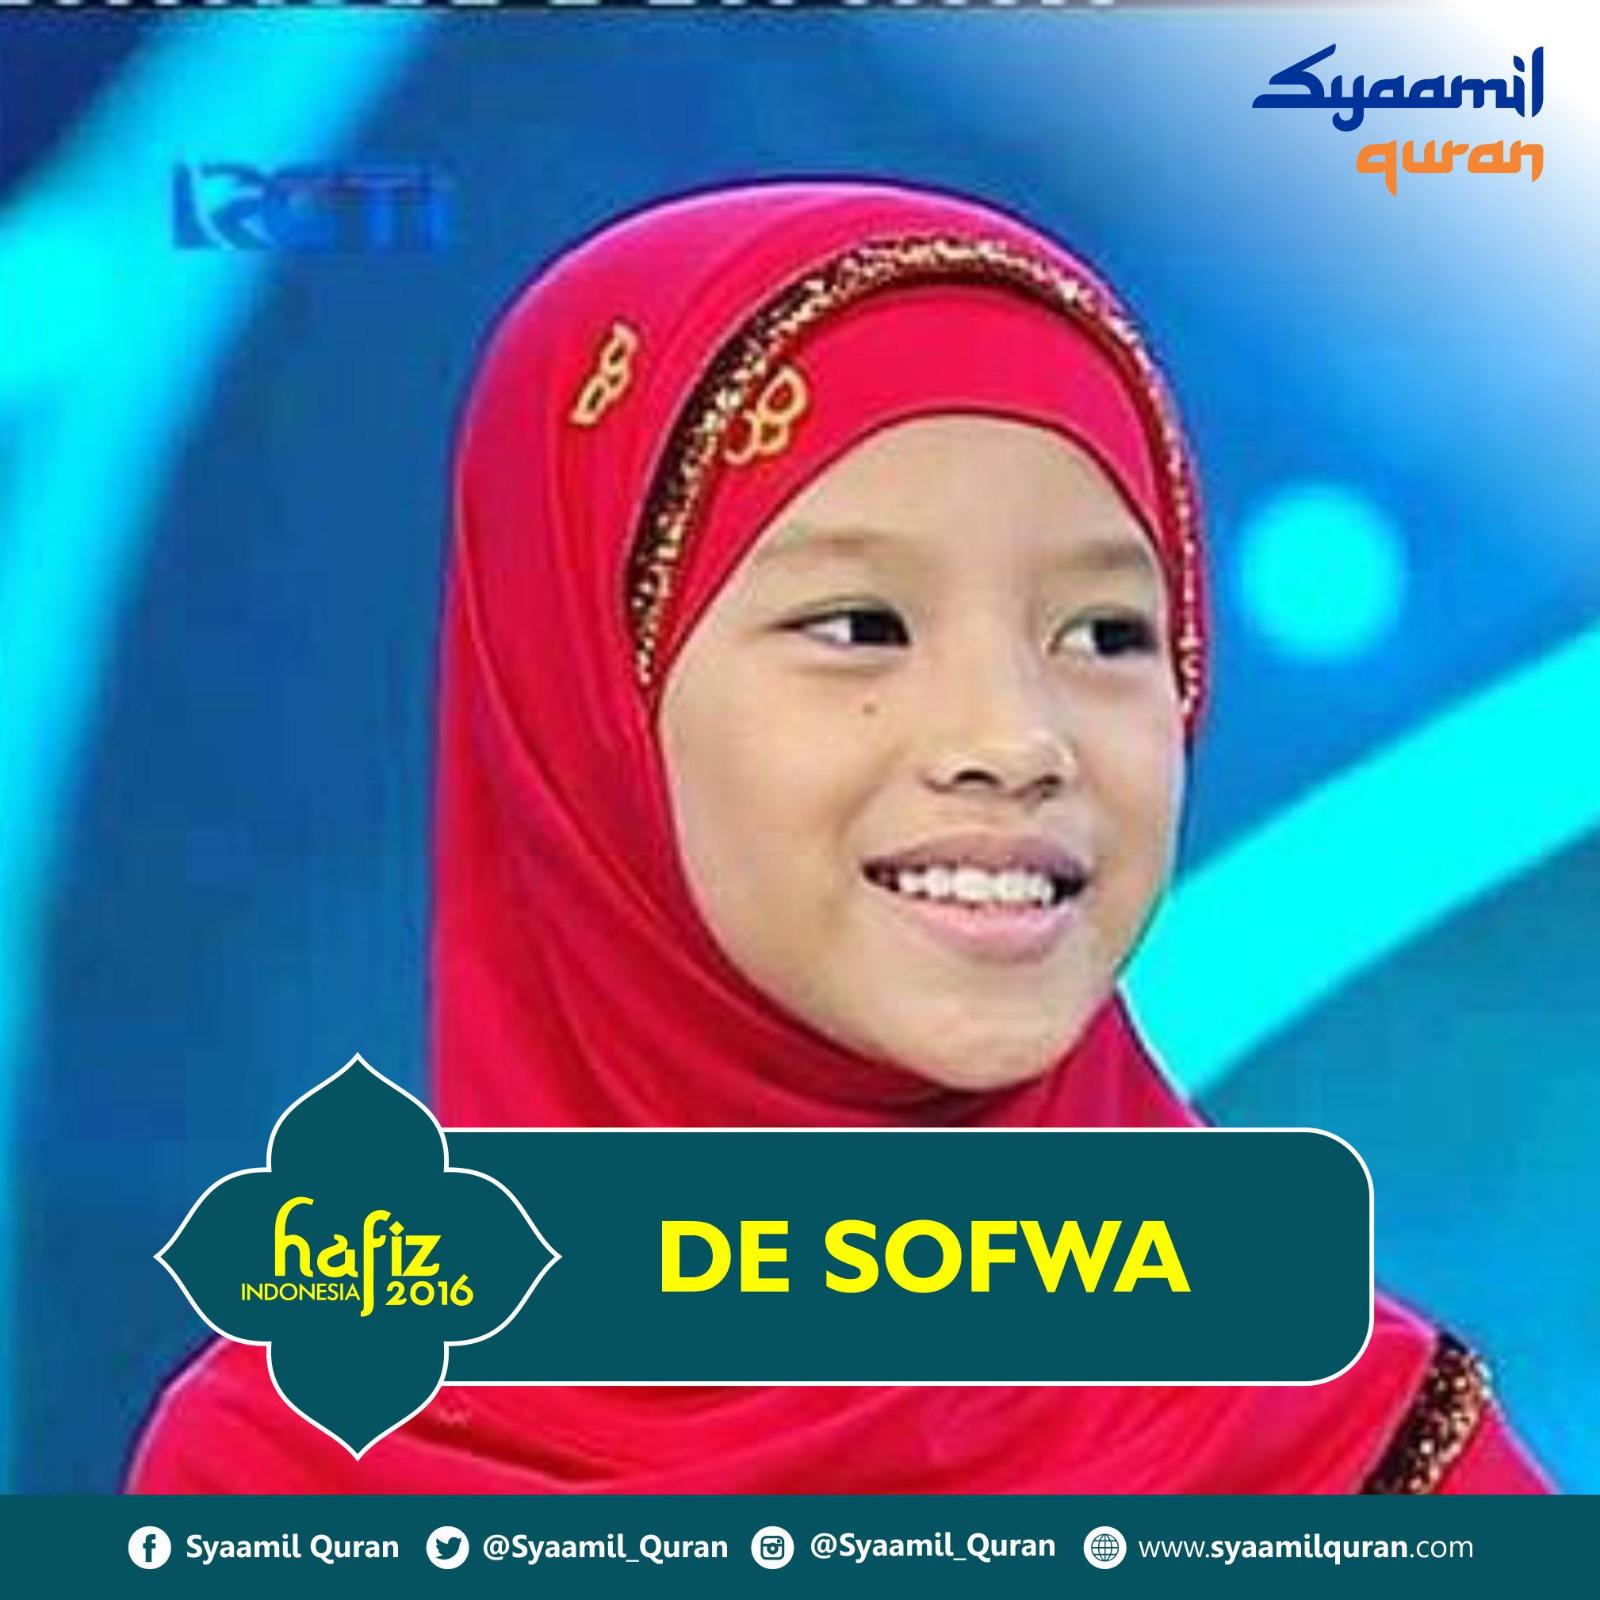 De Sofwa - Hafiz Indonesia 2016